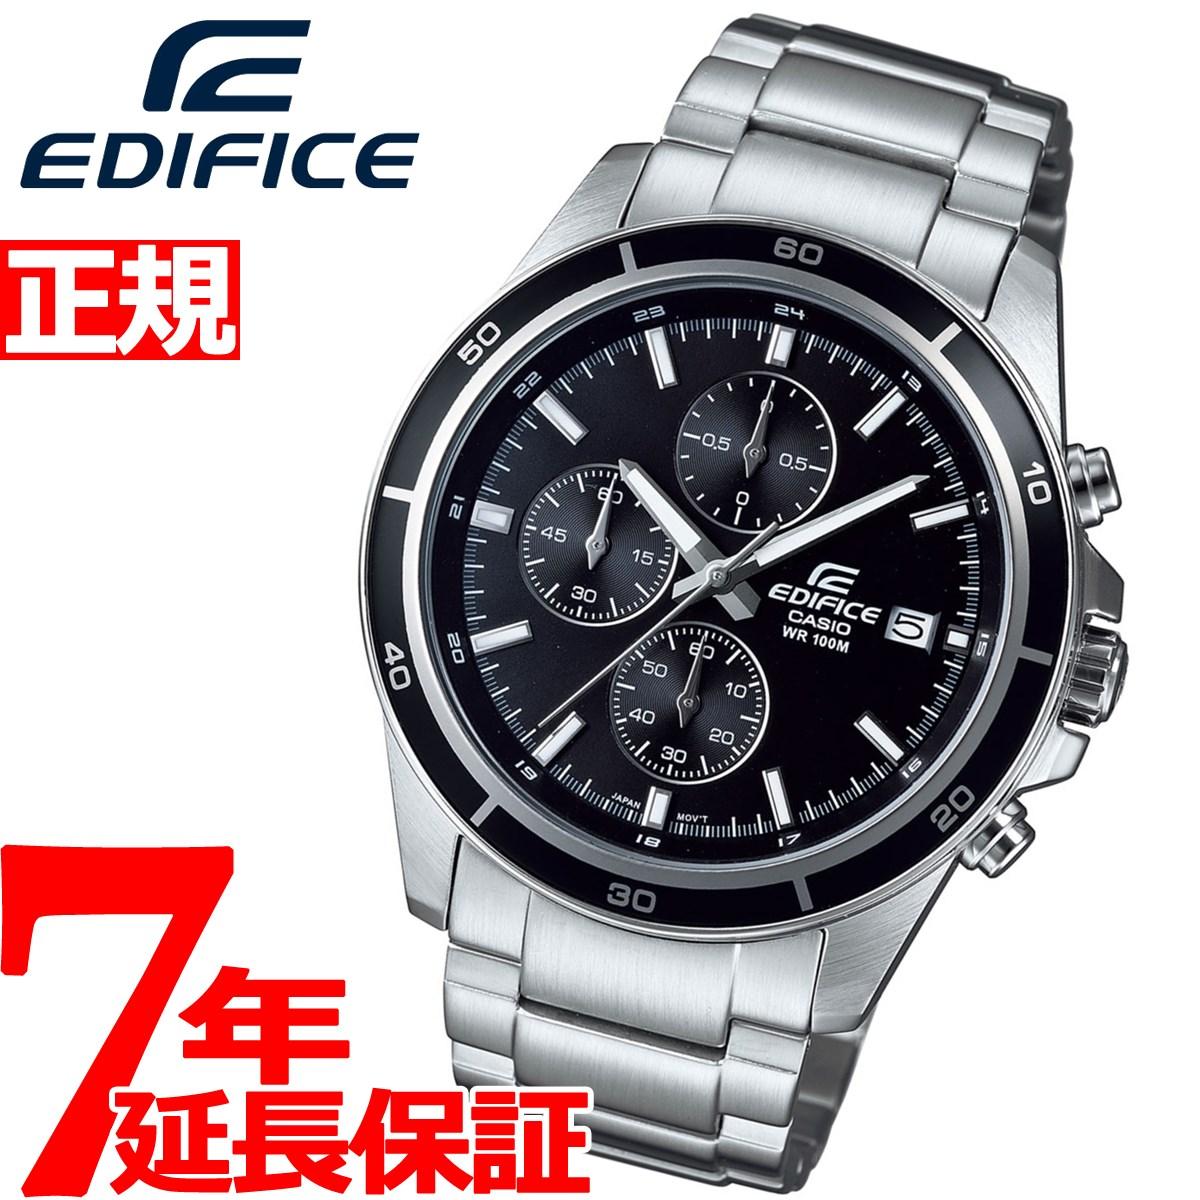 【SHOP OF THE YEAR 2018 受賞】カシオ エディフィス CASIO EDIFICE 限定モデル 腕時計 メンズ アナログ クロノグラフ EFR-526DJ-1AJF